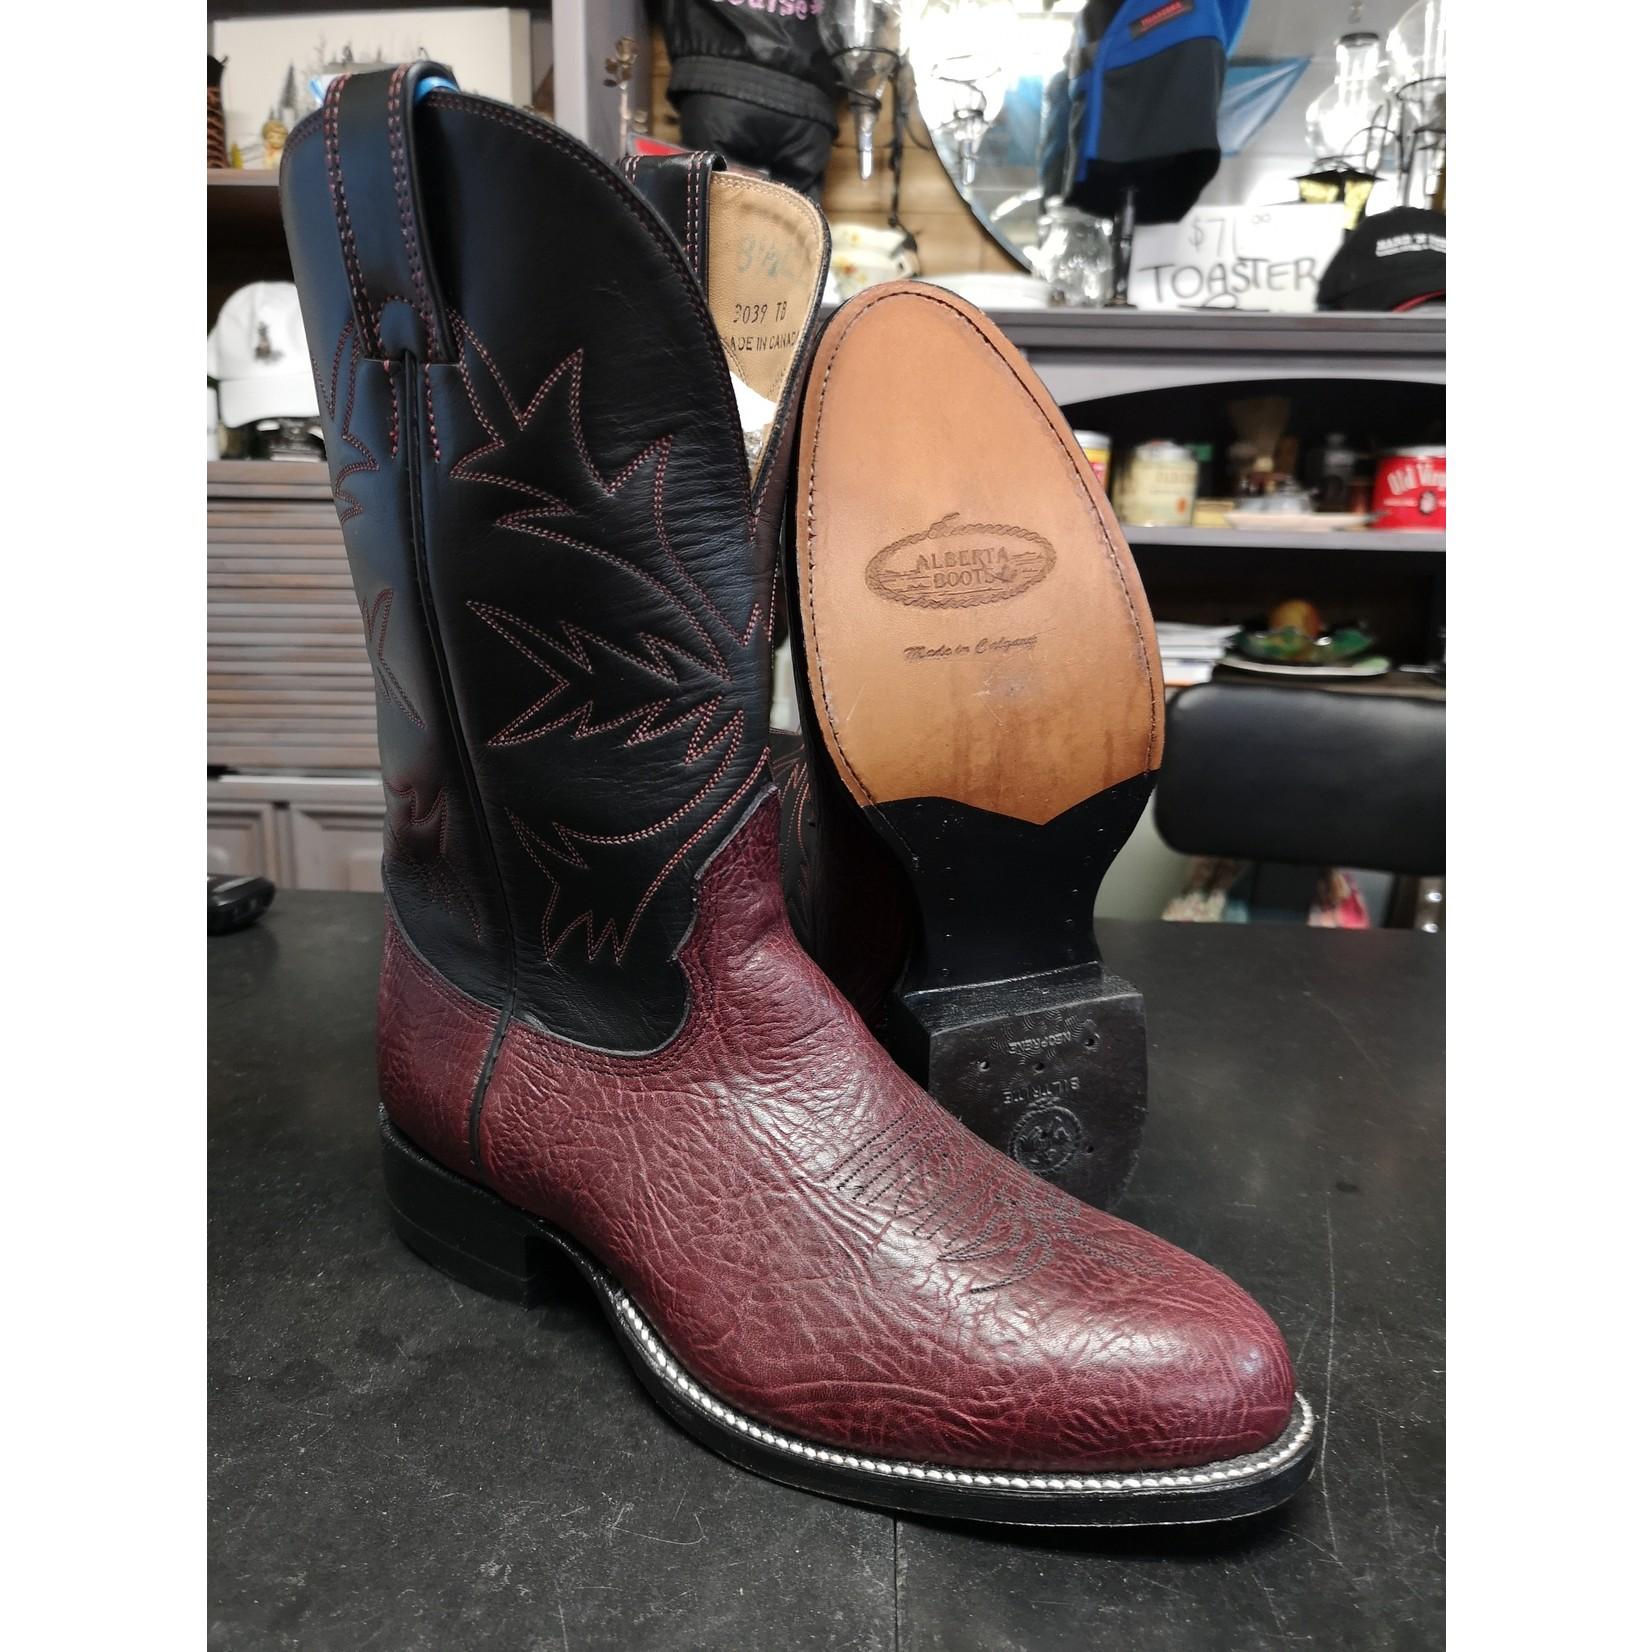 Alberta Boots Alberta Boots Men's Cowboy Boot - 3039-TB - SIZE 8.5 EE